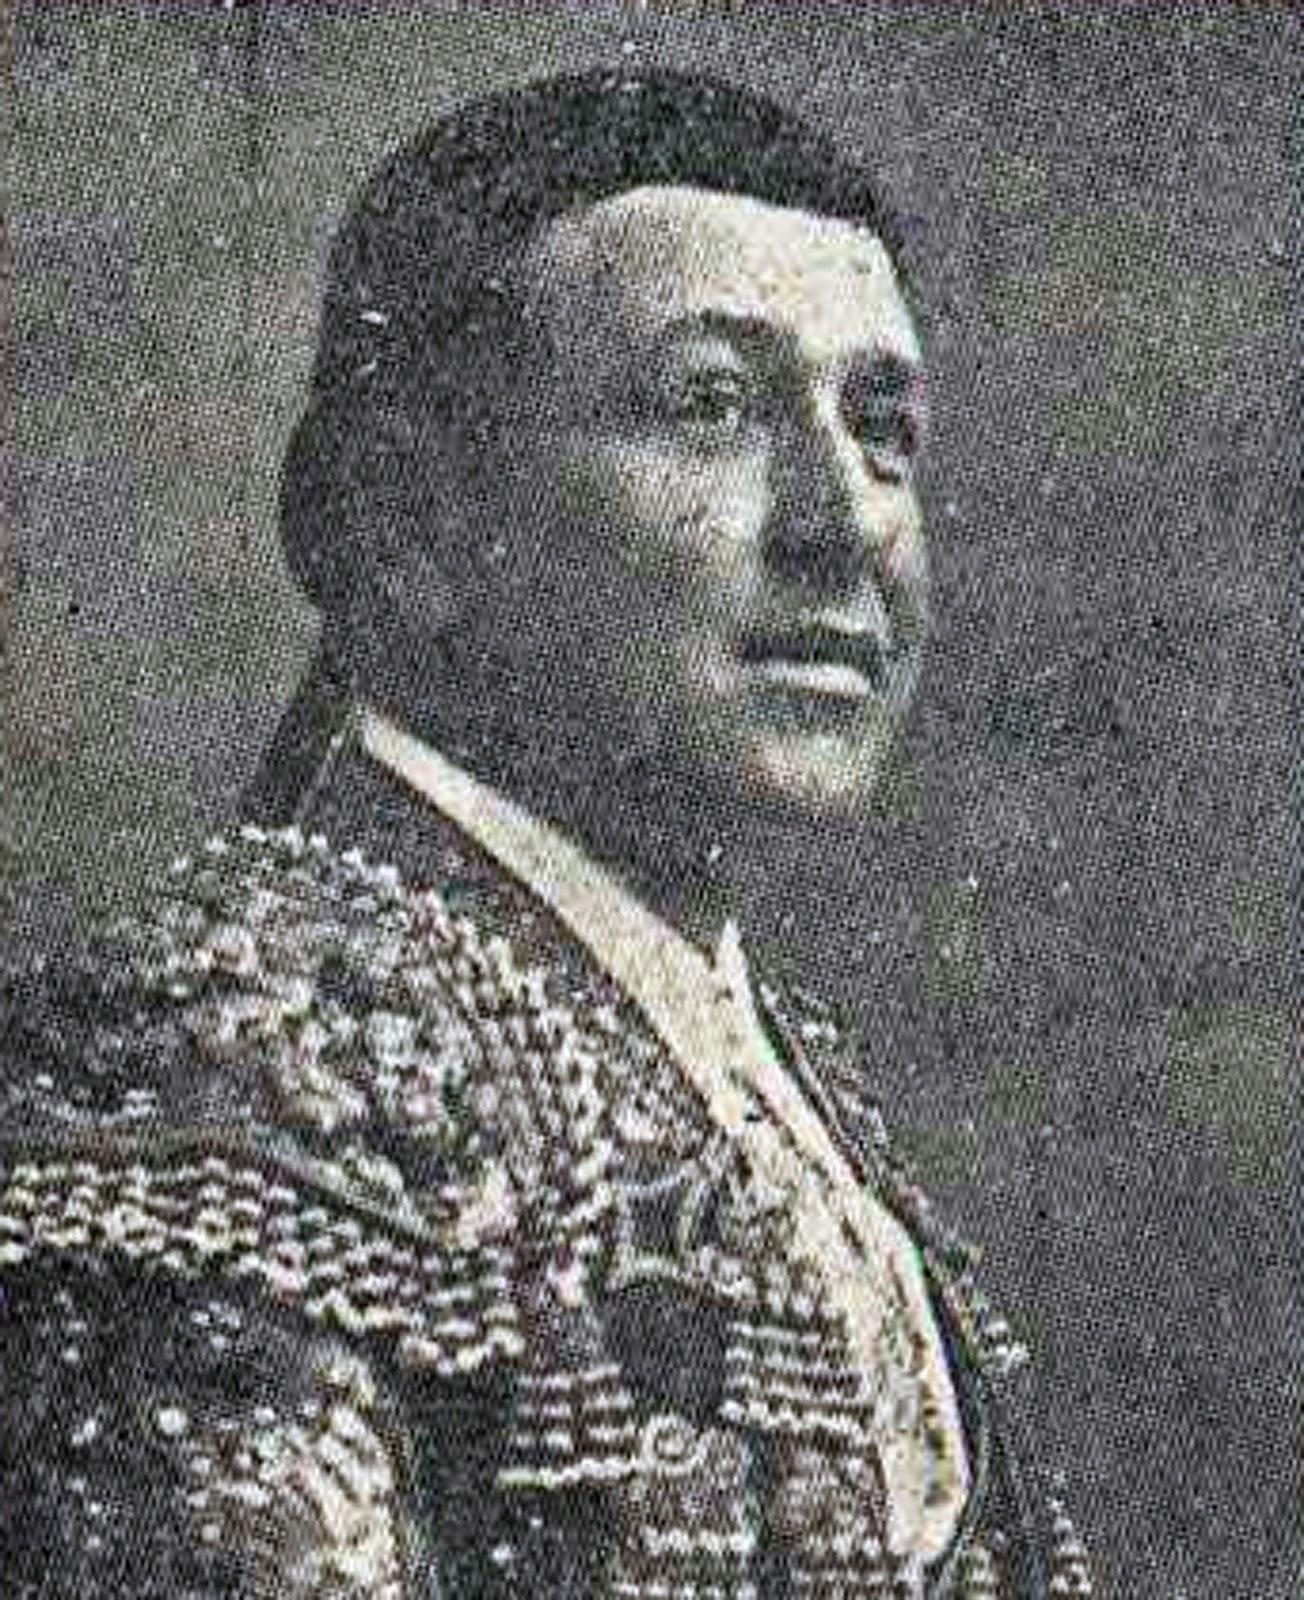 """Estuvo acompañado por Isidoro Marti y Matias Lara """"Larita"""". Se retiro en Sevilla donde murio el 15 de Febrero de 1936. - quinnito"""